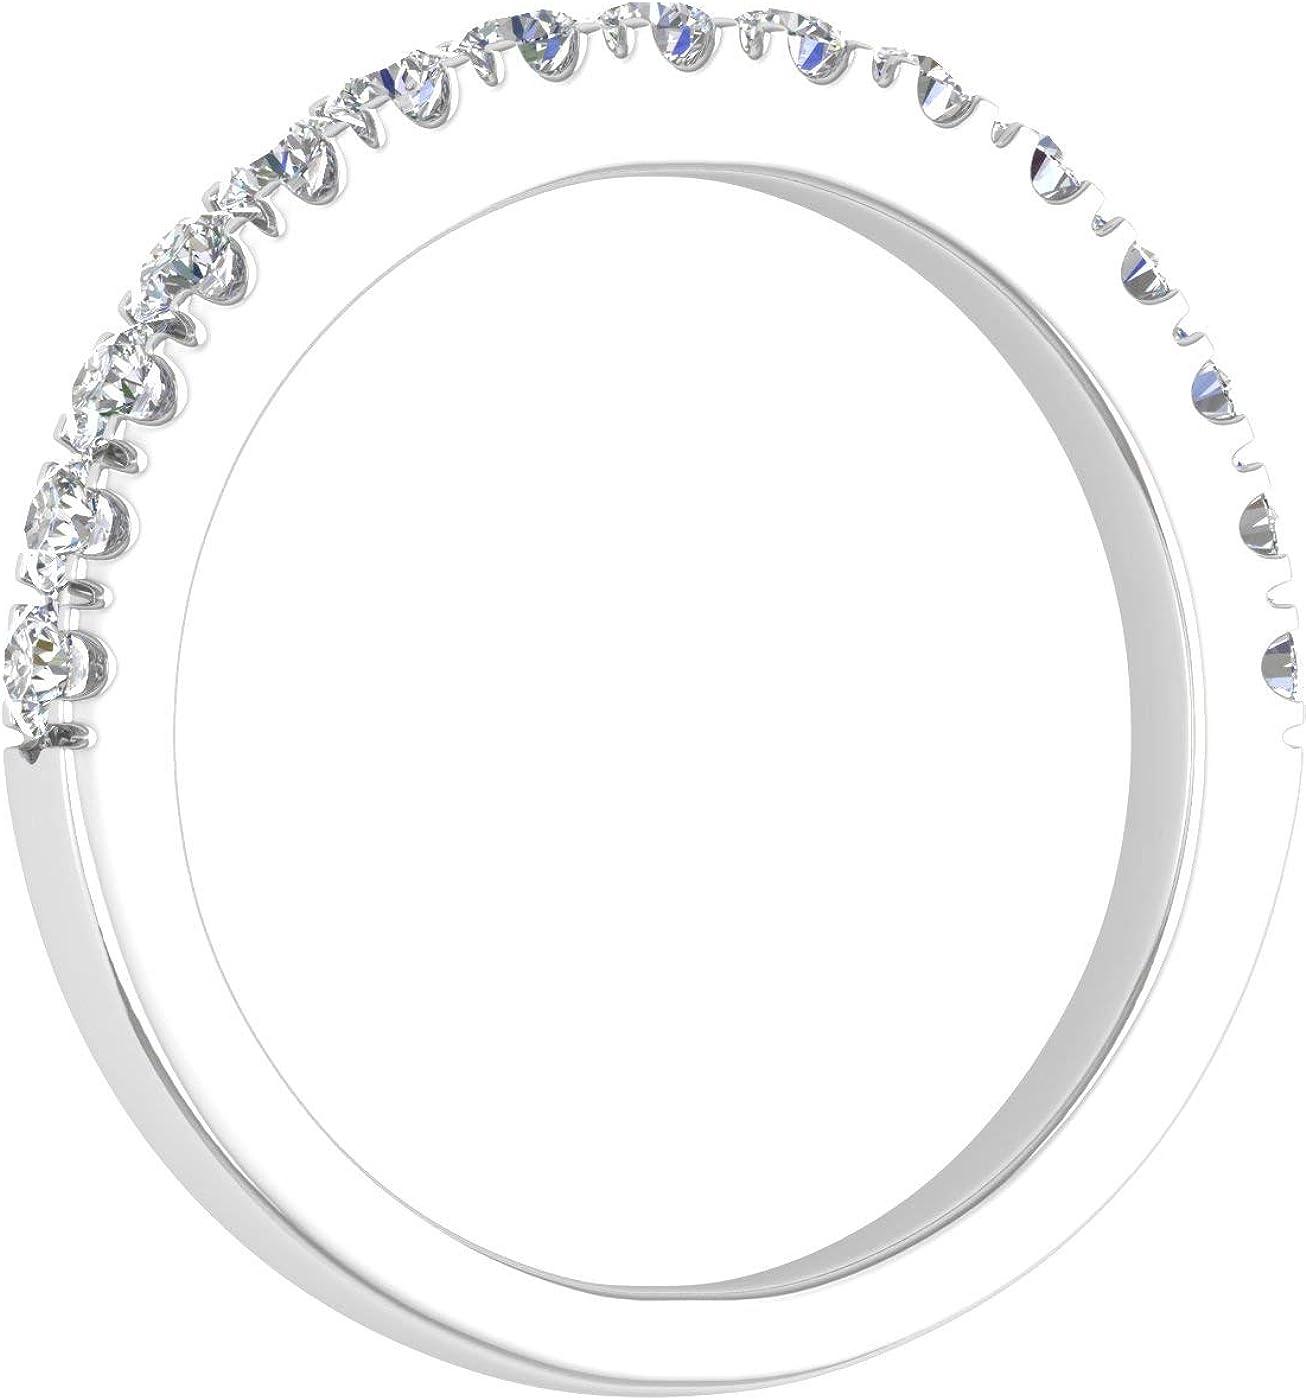 1/2 Carat Diamond Wedding Band Ring in 14K Gold